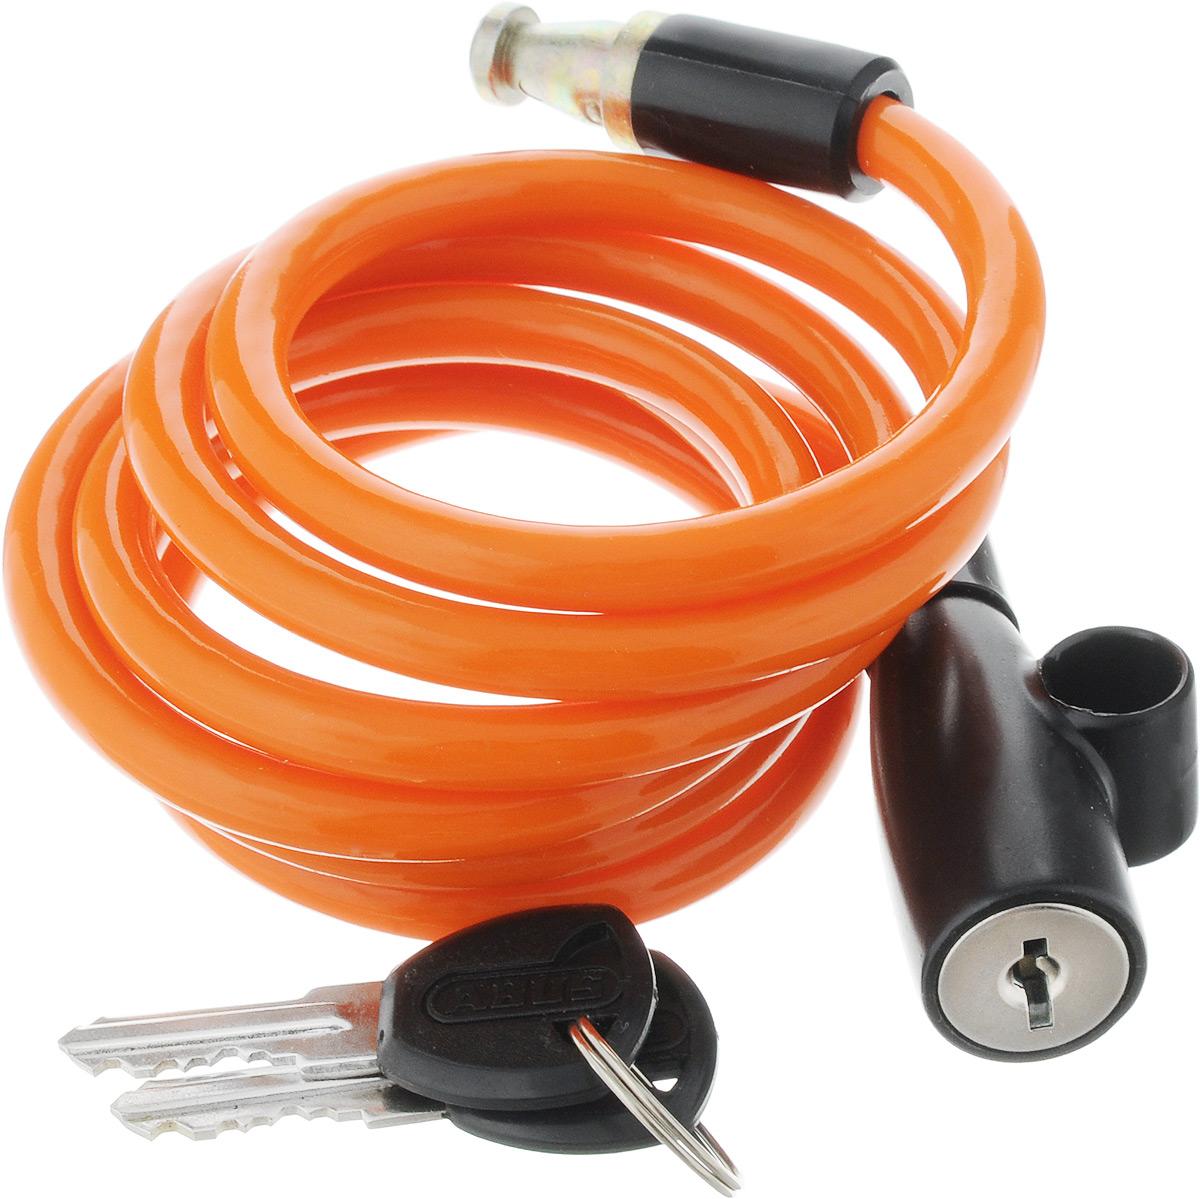 Велозамок Abus 1950/120 Kids, с ключами, цвет: оранжевый, диаметр 7 мм, длина 1,31 м431609_ABUS_оранжевыйВелосипедный замок Abus 1950/120 Kids - это отличная вещь для сохранности вашего велосипеда. Замок, выполненный из прочного пластика, оснащен металлическим тросом обтянутым мягким ПВХ. Блокируется при помощи ключа. Количество ключей: 2 шт. Диаметр троса: 7 мм. Длина: 1,31 м.